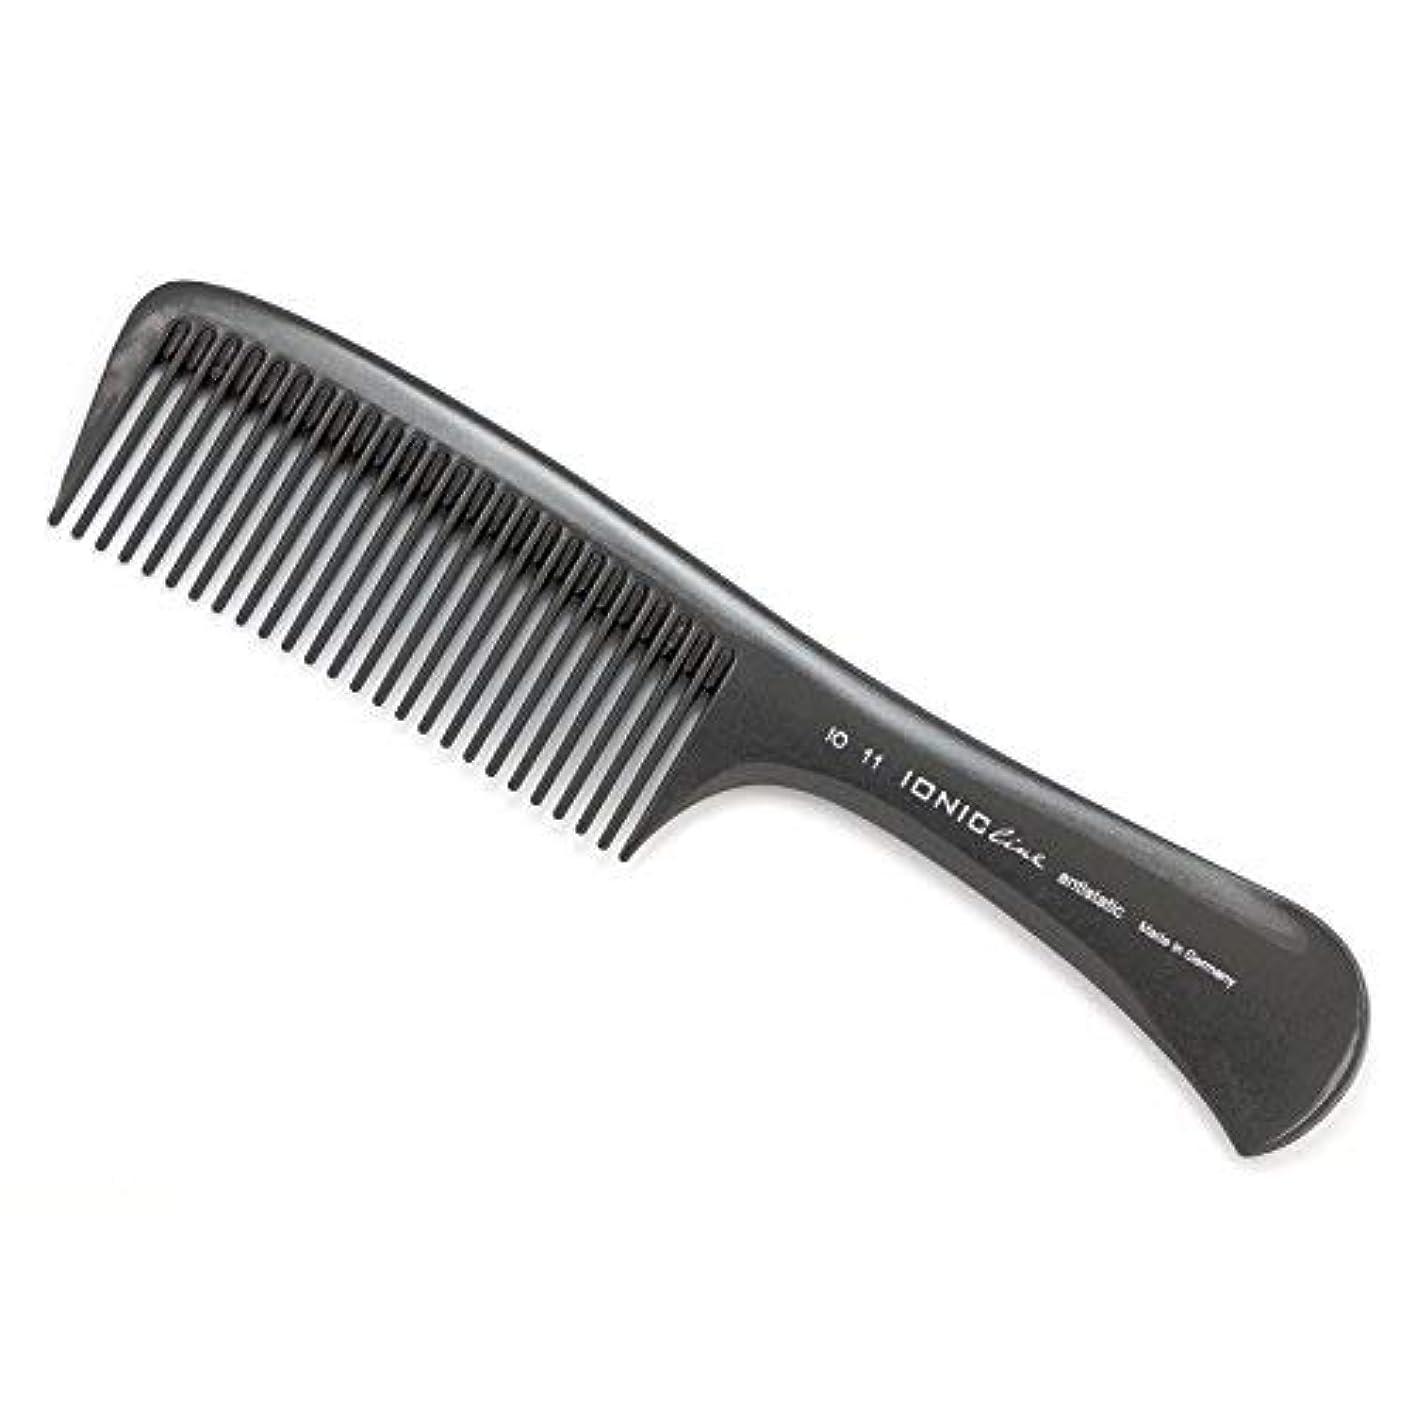 好きであるクリスマス残酷なHercules S?gemann IONIC Line Handle Comb, Big Working Comb   Ionized Thermoplastic - Made in Germany [並行輸入品]